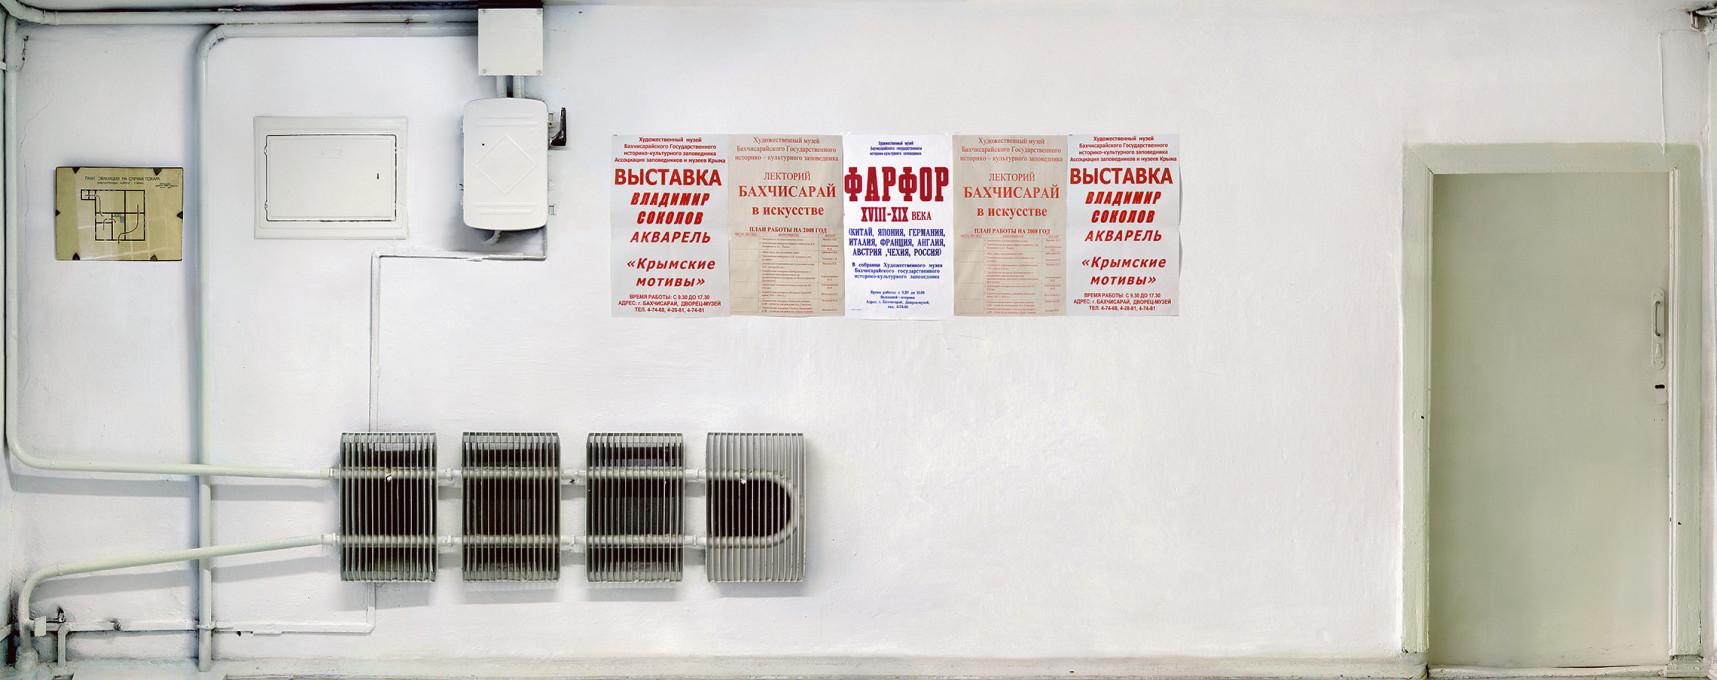 Stena radiatorja (Radiator Wall), 2009, inkjet tisk na 306 gramski foto papir Hahnemühle, 150 x 380 cm.